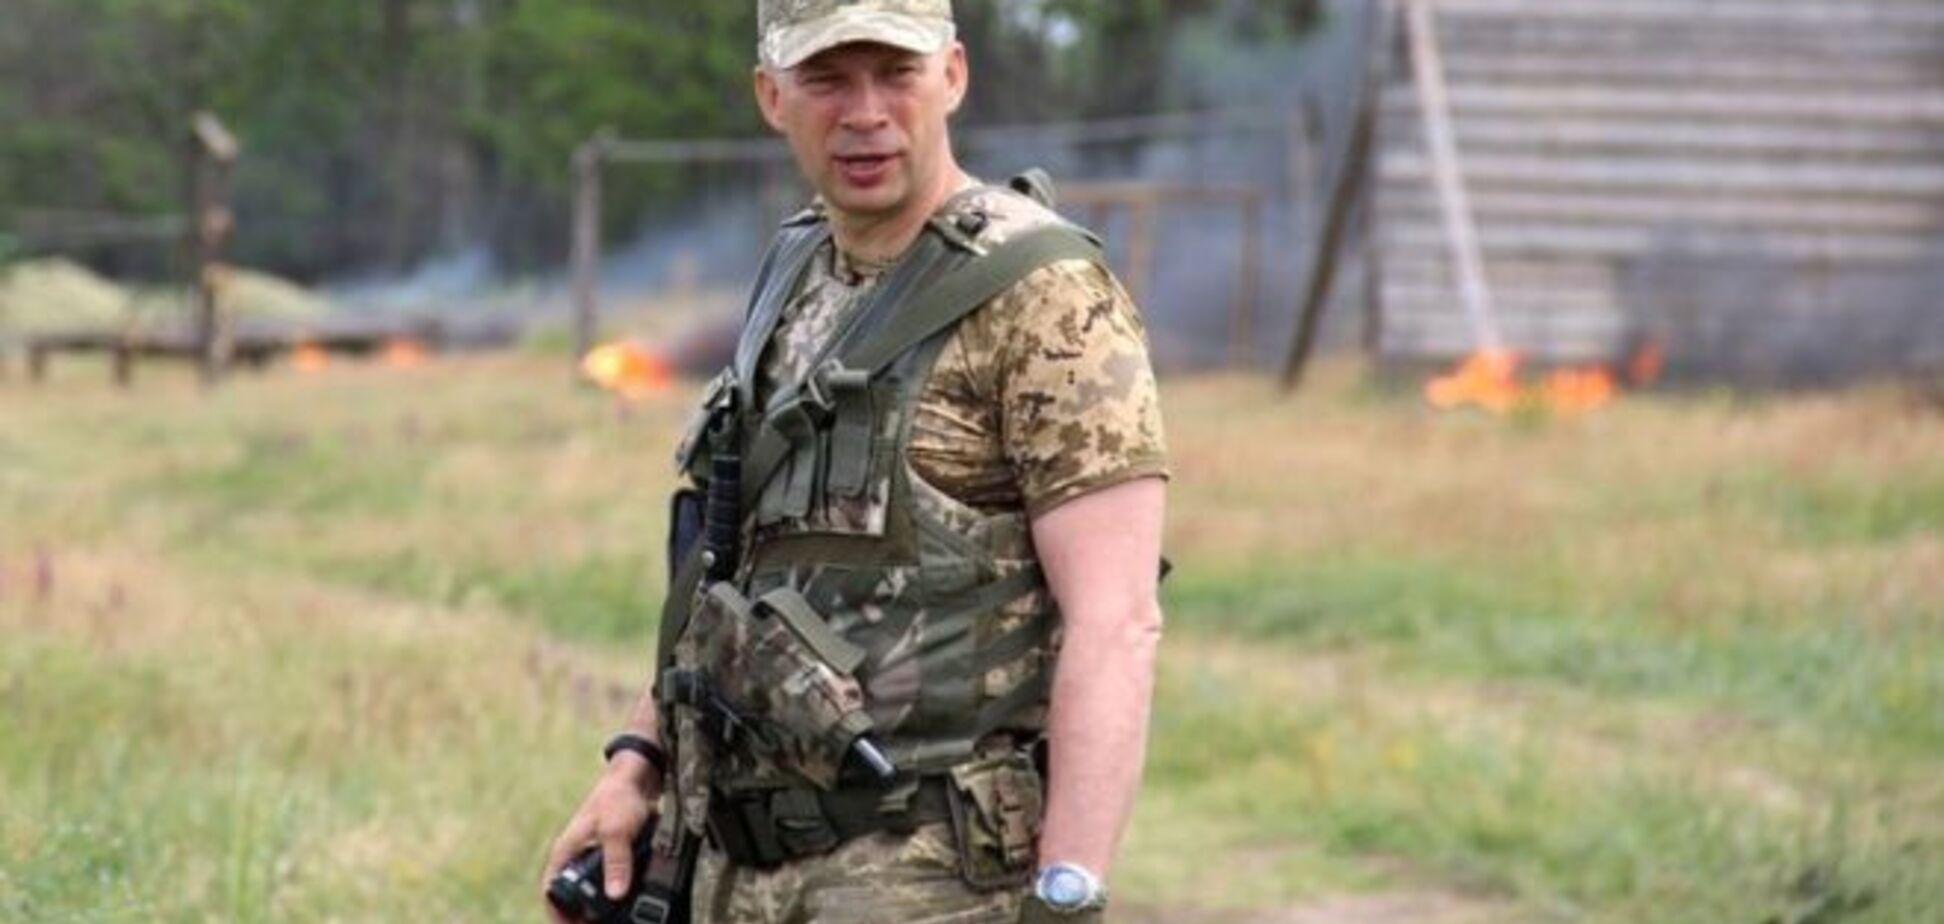 Били в ответ и уничтожили: командующий ООС объяснился из-за кровавого боя на Донбассе